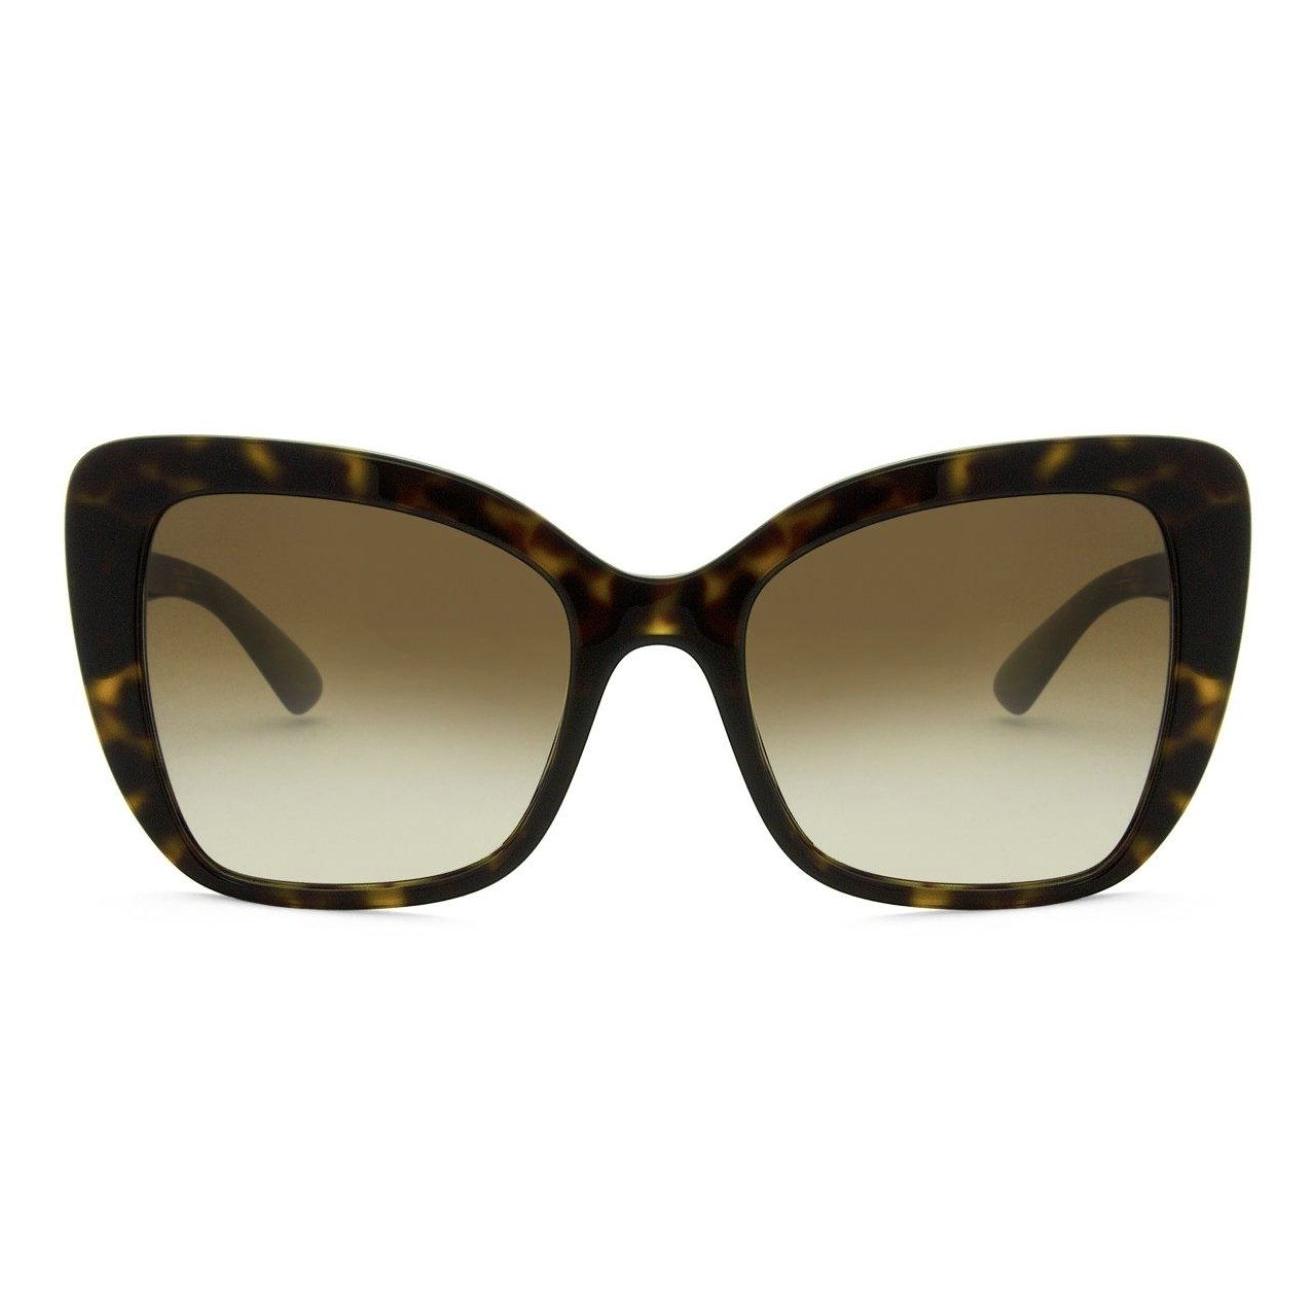 Dolce & Gabbana DG4348 50213 54